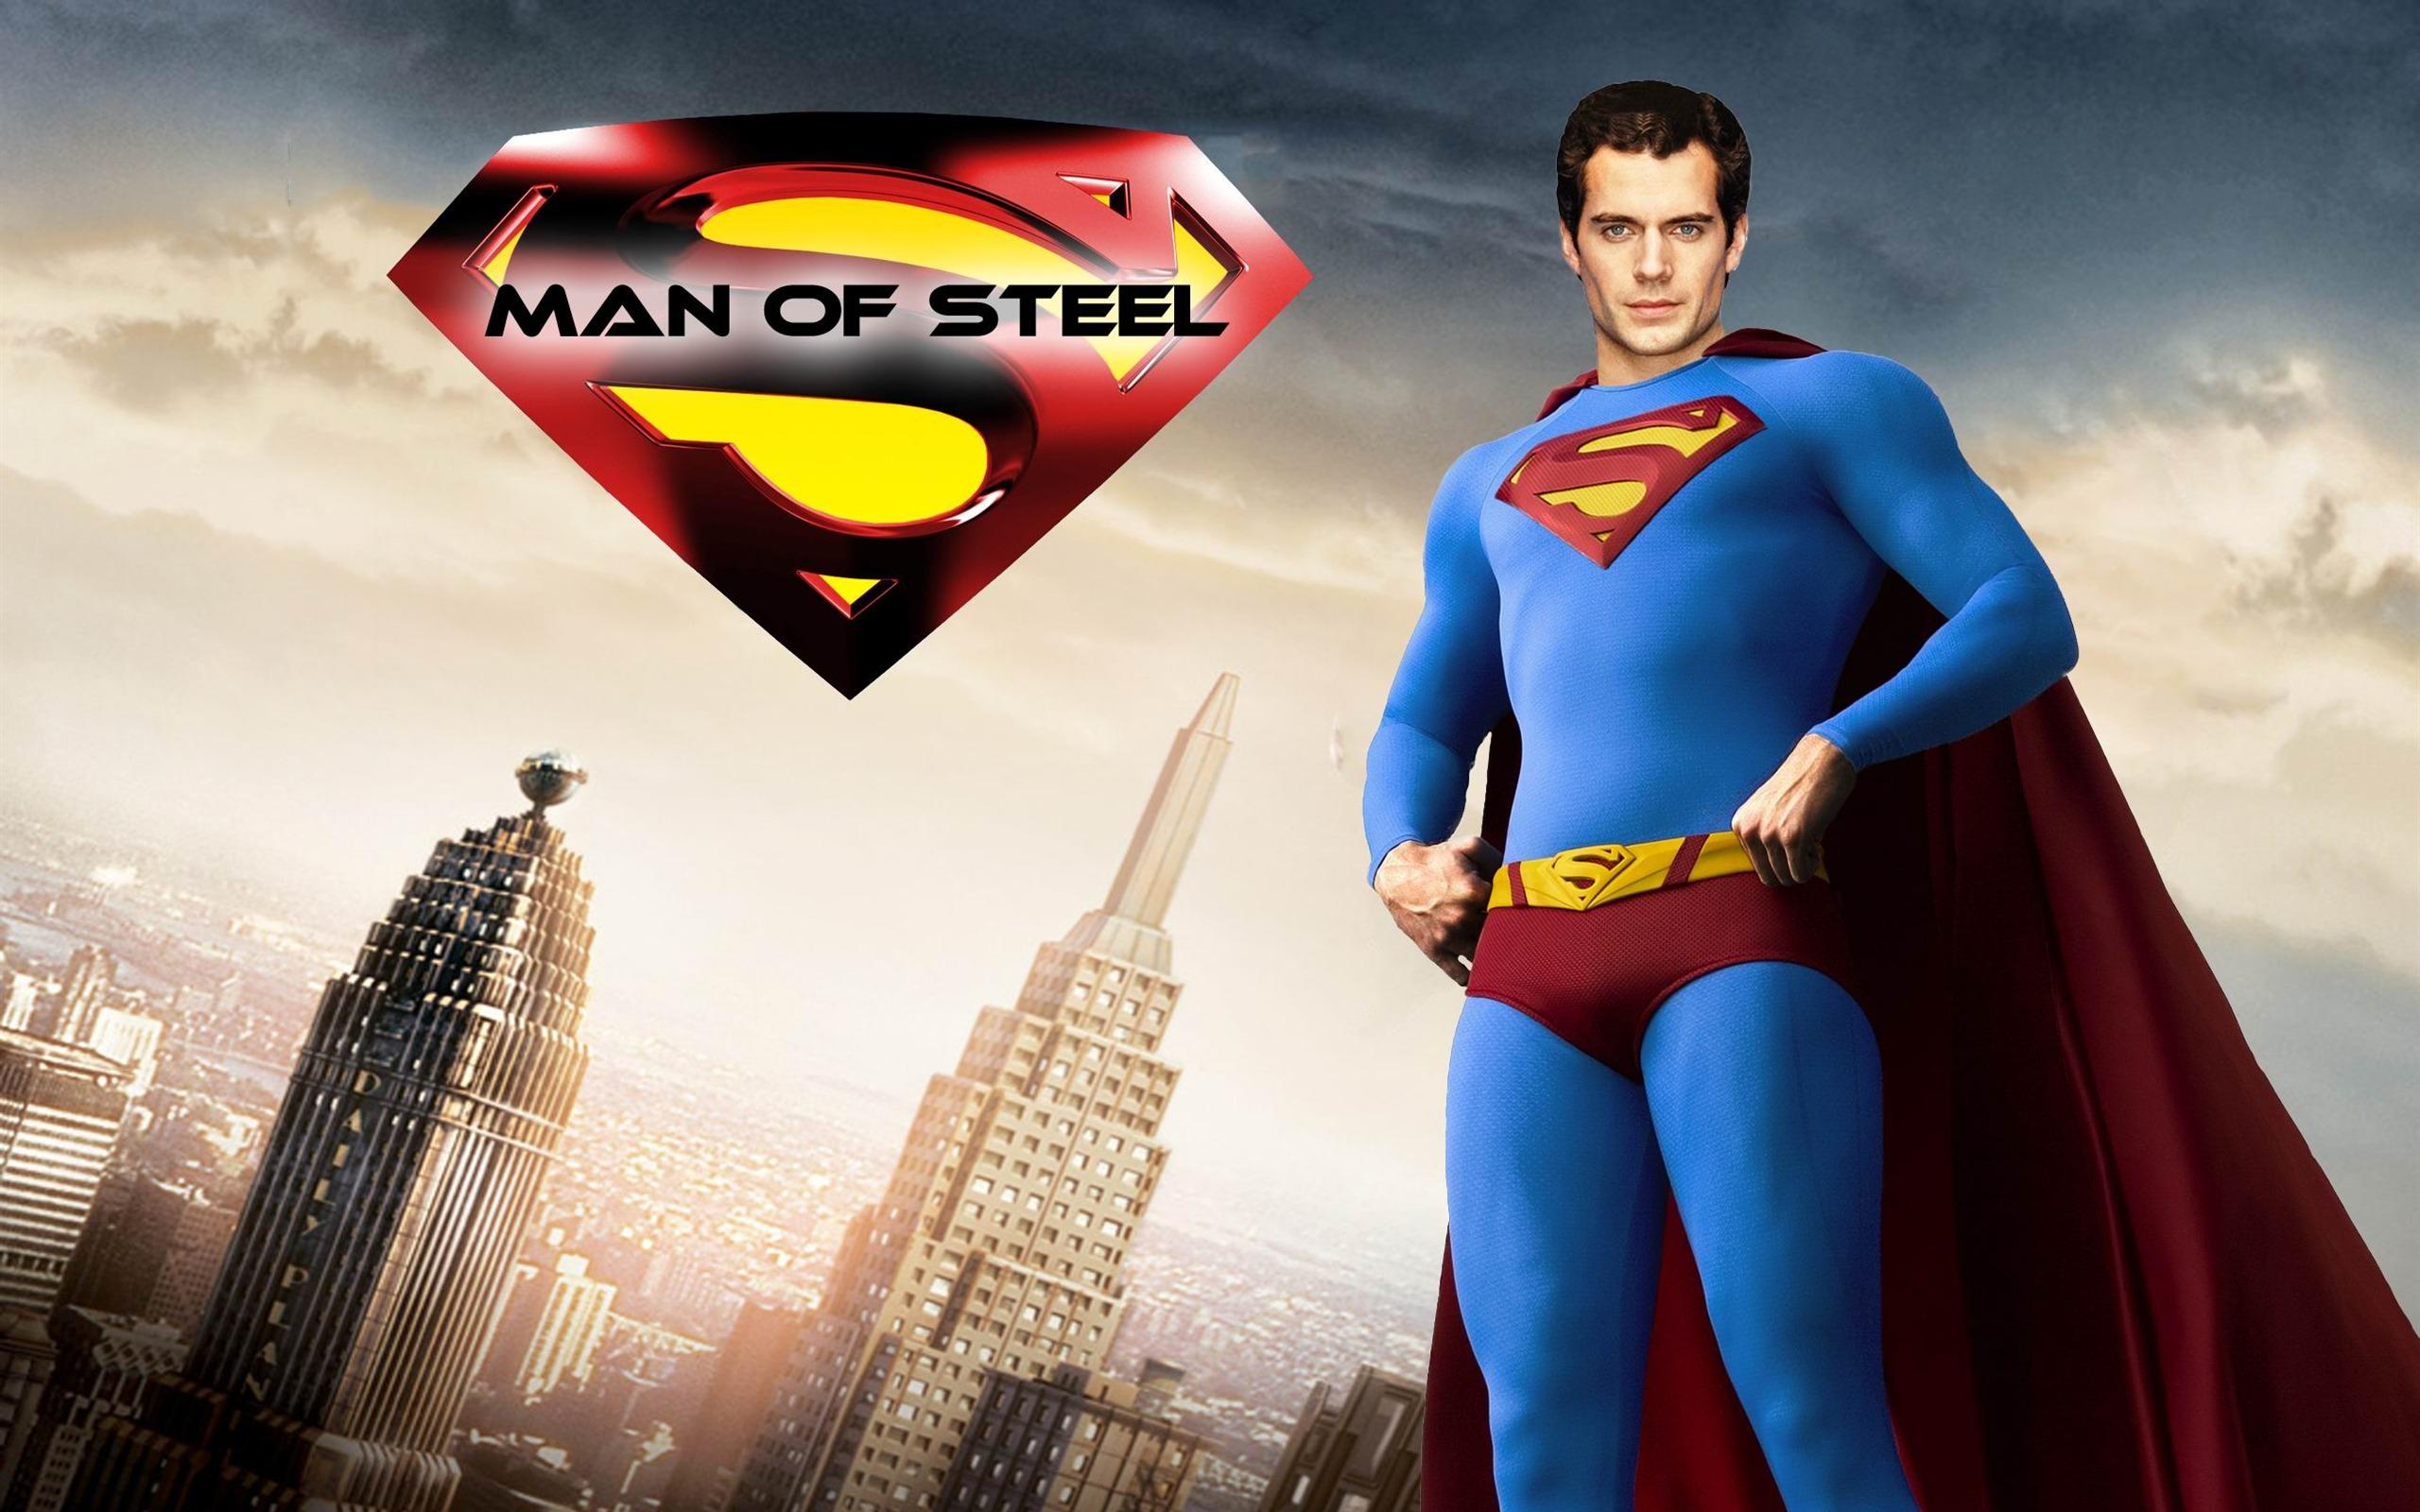 superman man of steel 2013 film hd fond d233cran aper231u